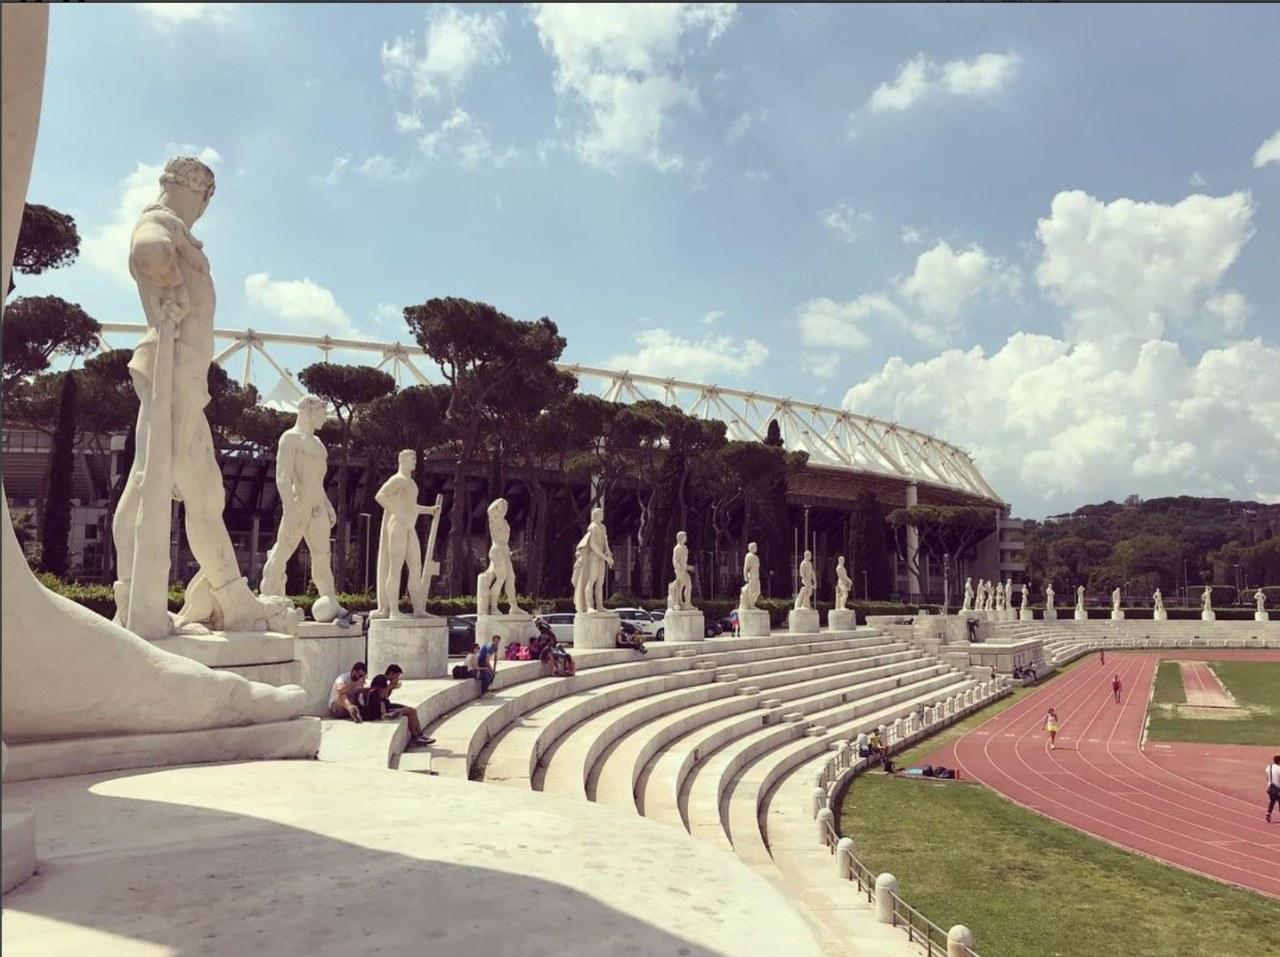 ROMA. RIGHINI-ANGELILLI: AL FORO ITALICO DISCARICA ABUSIVA E ROGHITOSSICI